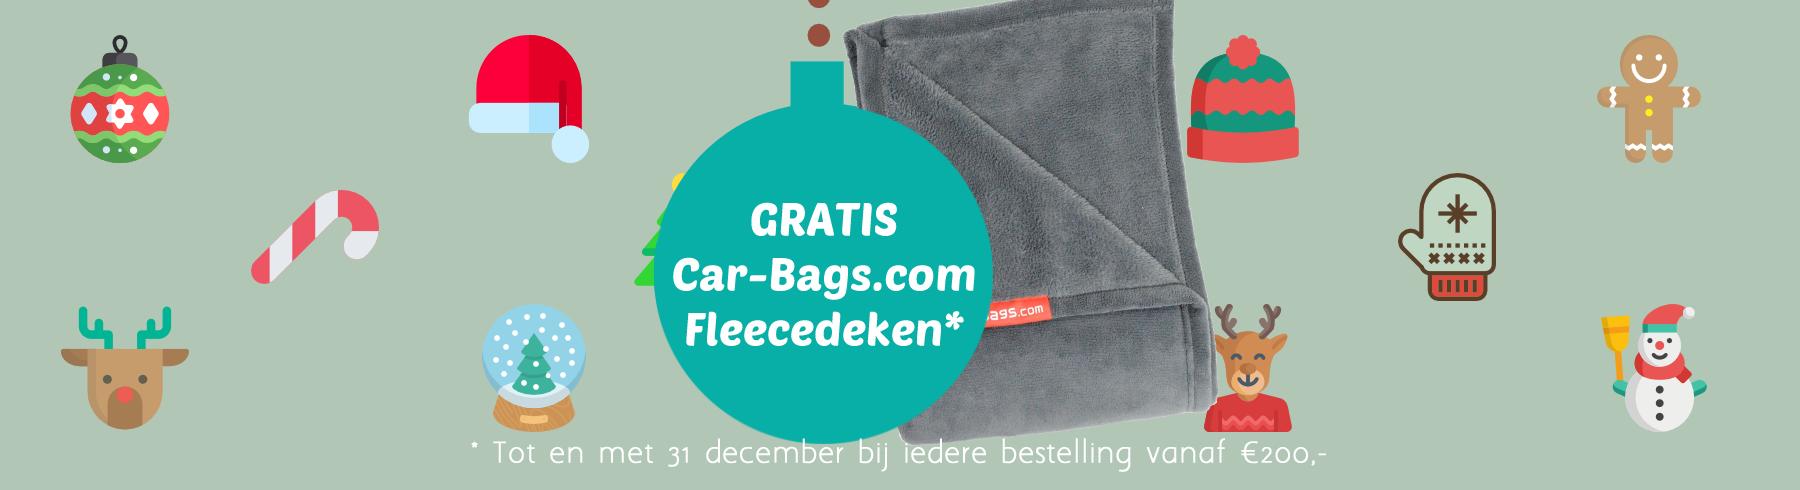 gratis-fleece-deken-nl2